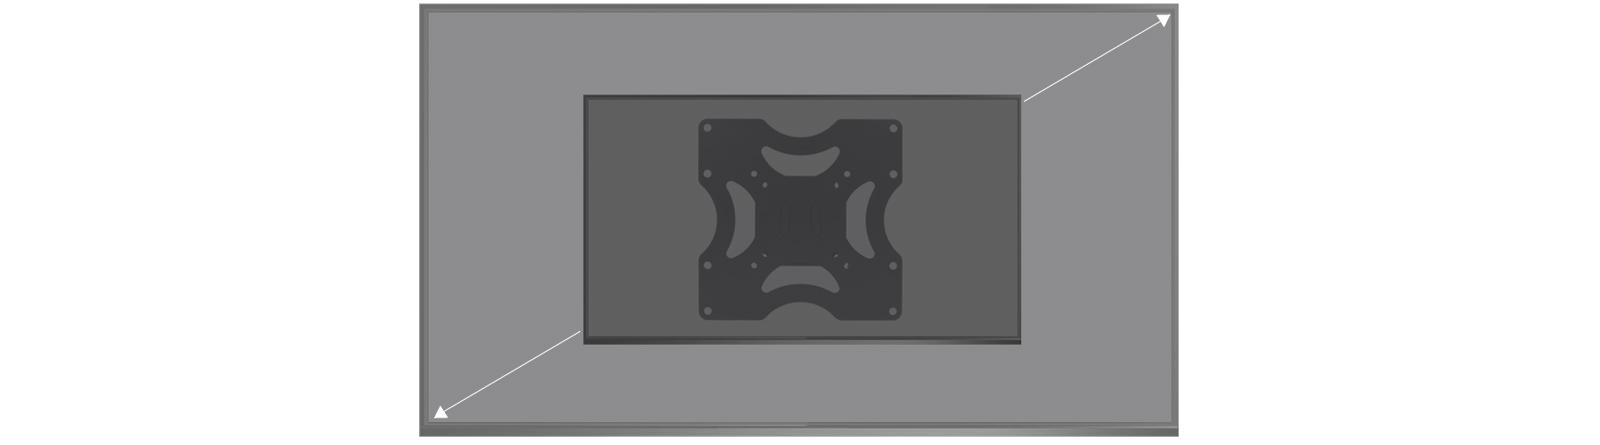 Flache TV-Wandhalterung ARCTIC TV Basic S für 42-55 Zoll